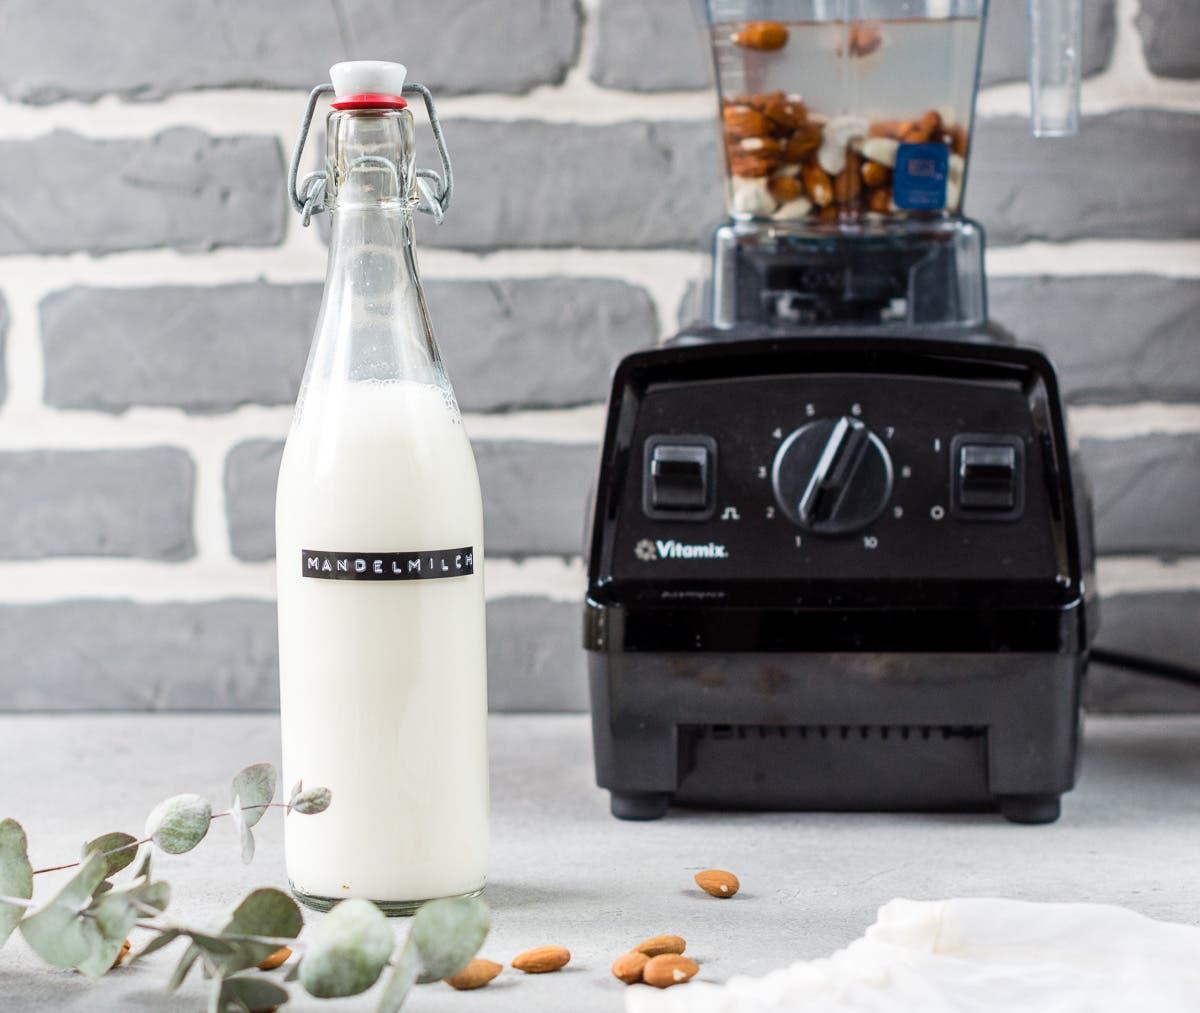 Flasche mit Mandelmilch steht vor einem schwarzen Mixer.